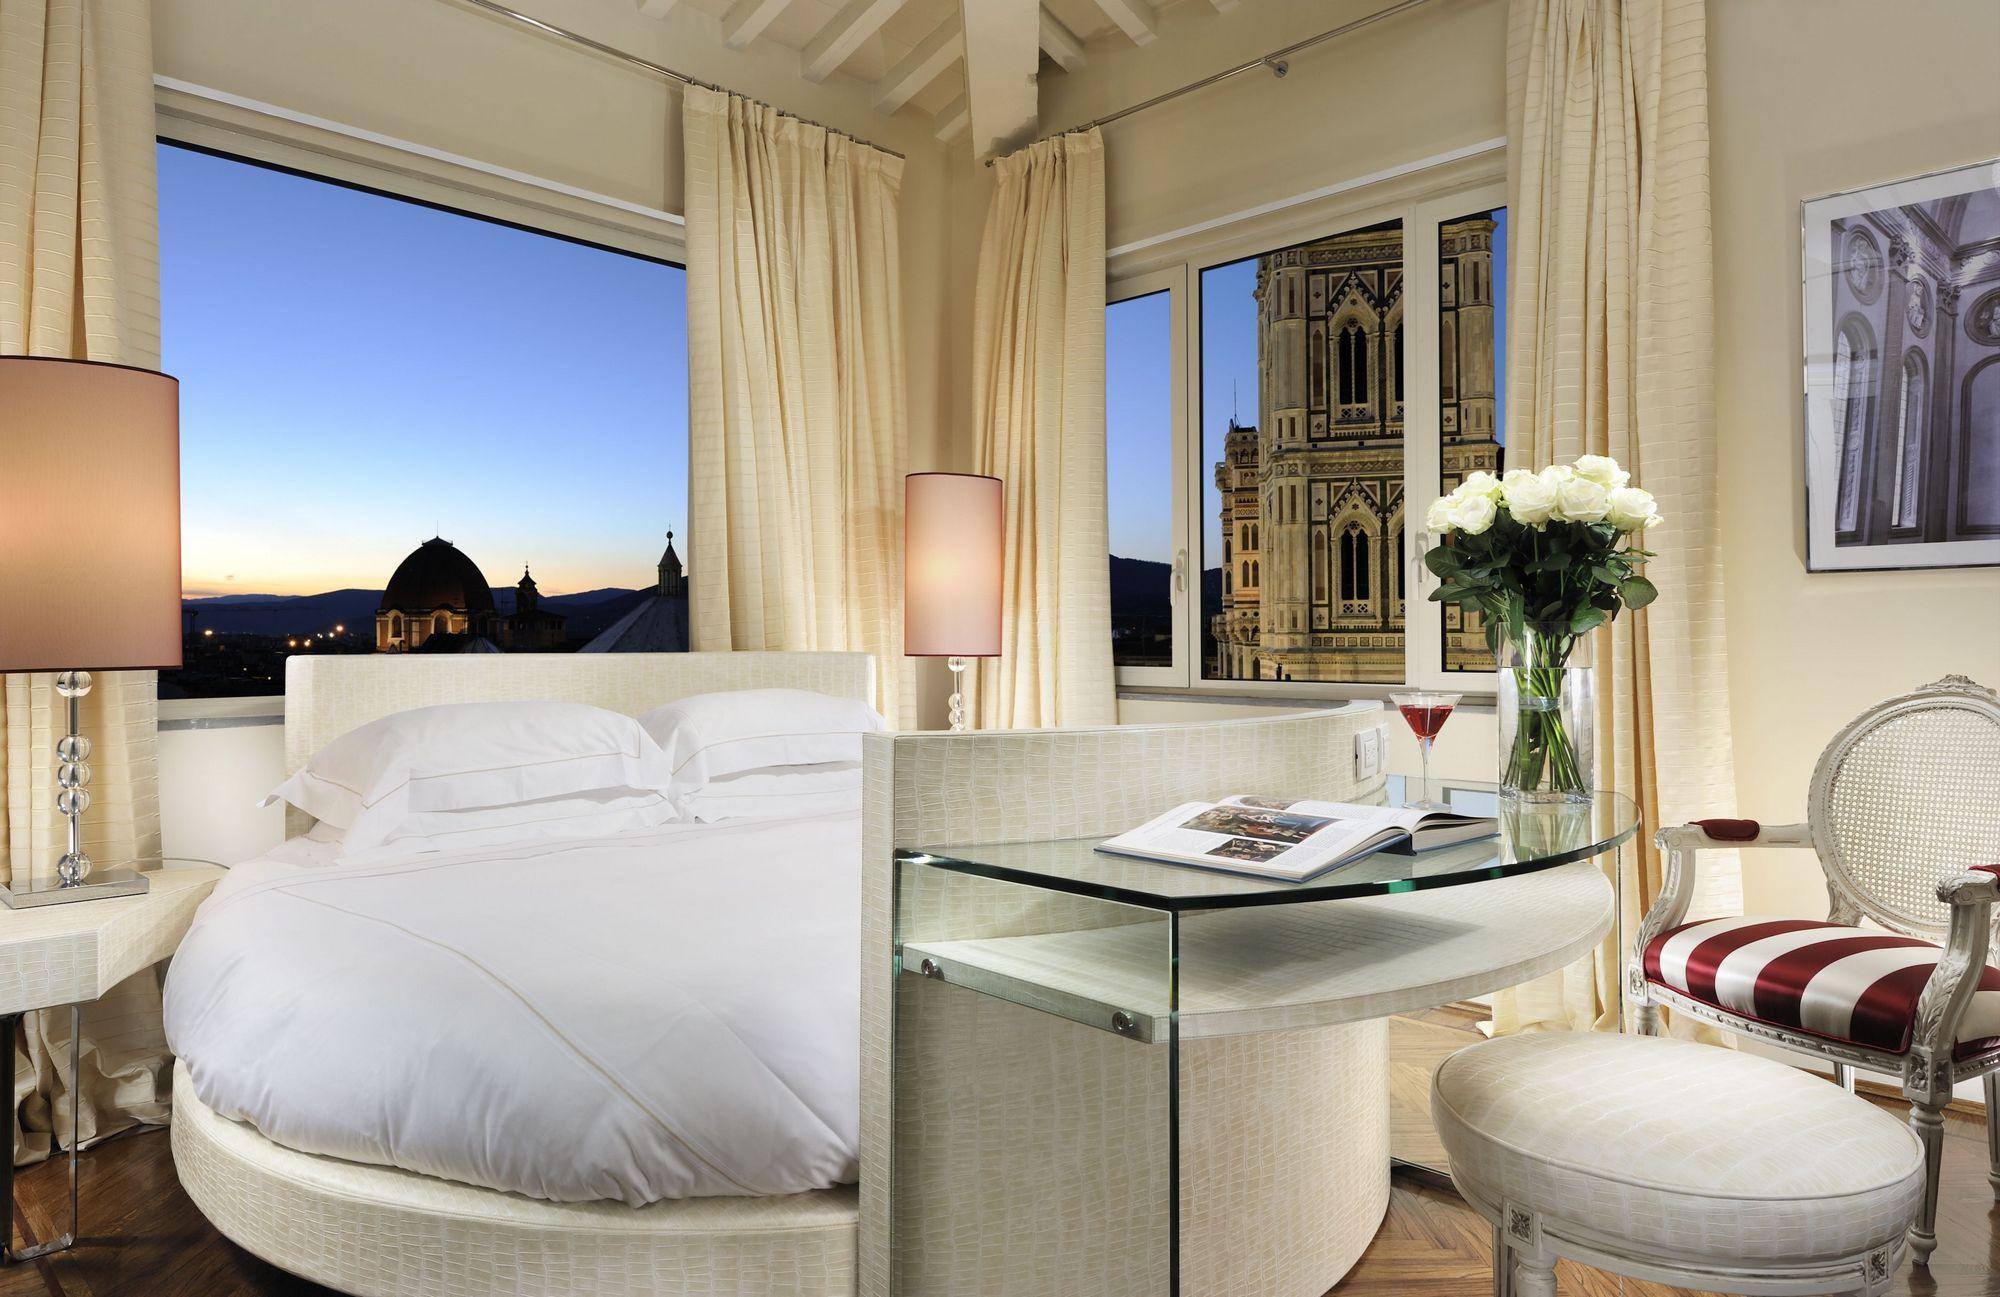 Hotel Brunelleschi a Firenze: dettaglio camera